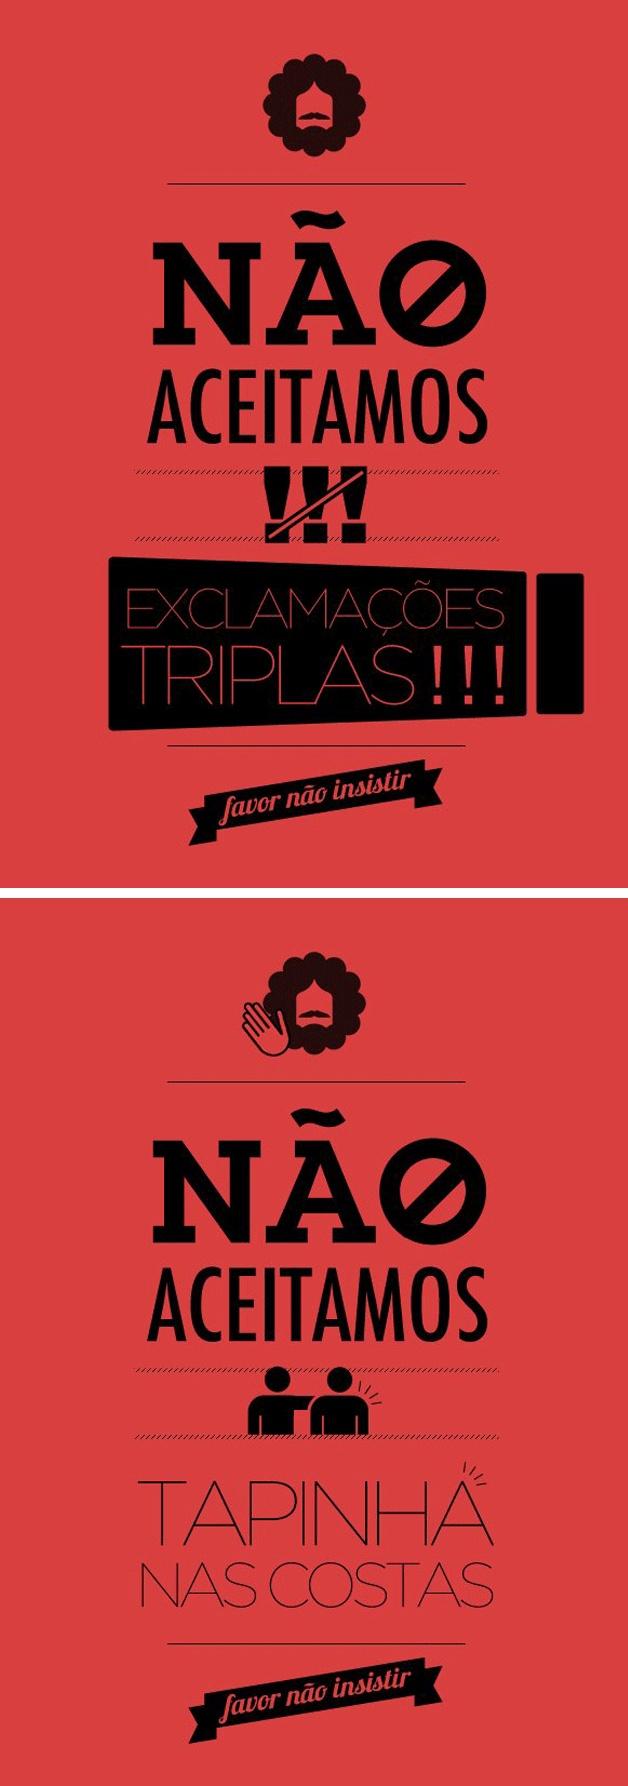 Essa é ótima. Não aceitamos!!! Exclamações triplas!!! #redator http://www.hypeness.com.br/2012/03/posters-favor-nao-insistir-da-recados-tolerancia-zero-para-publicitarios/